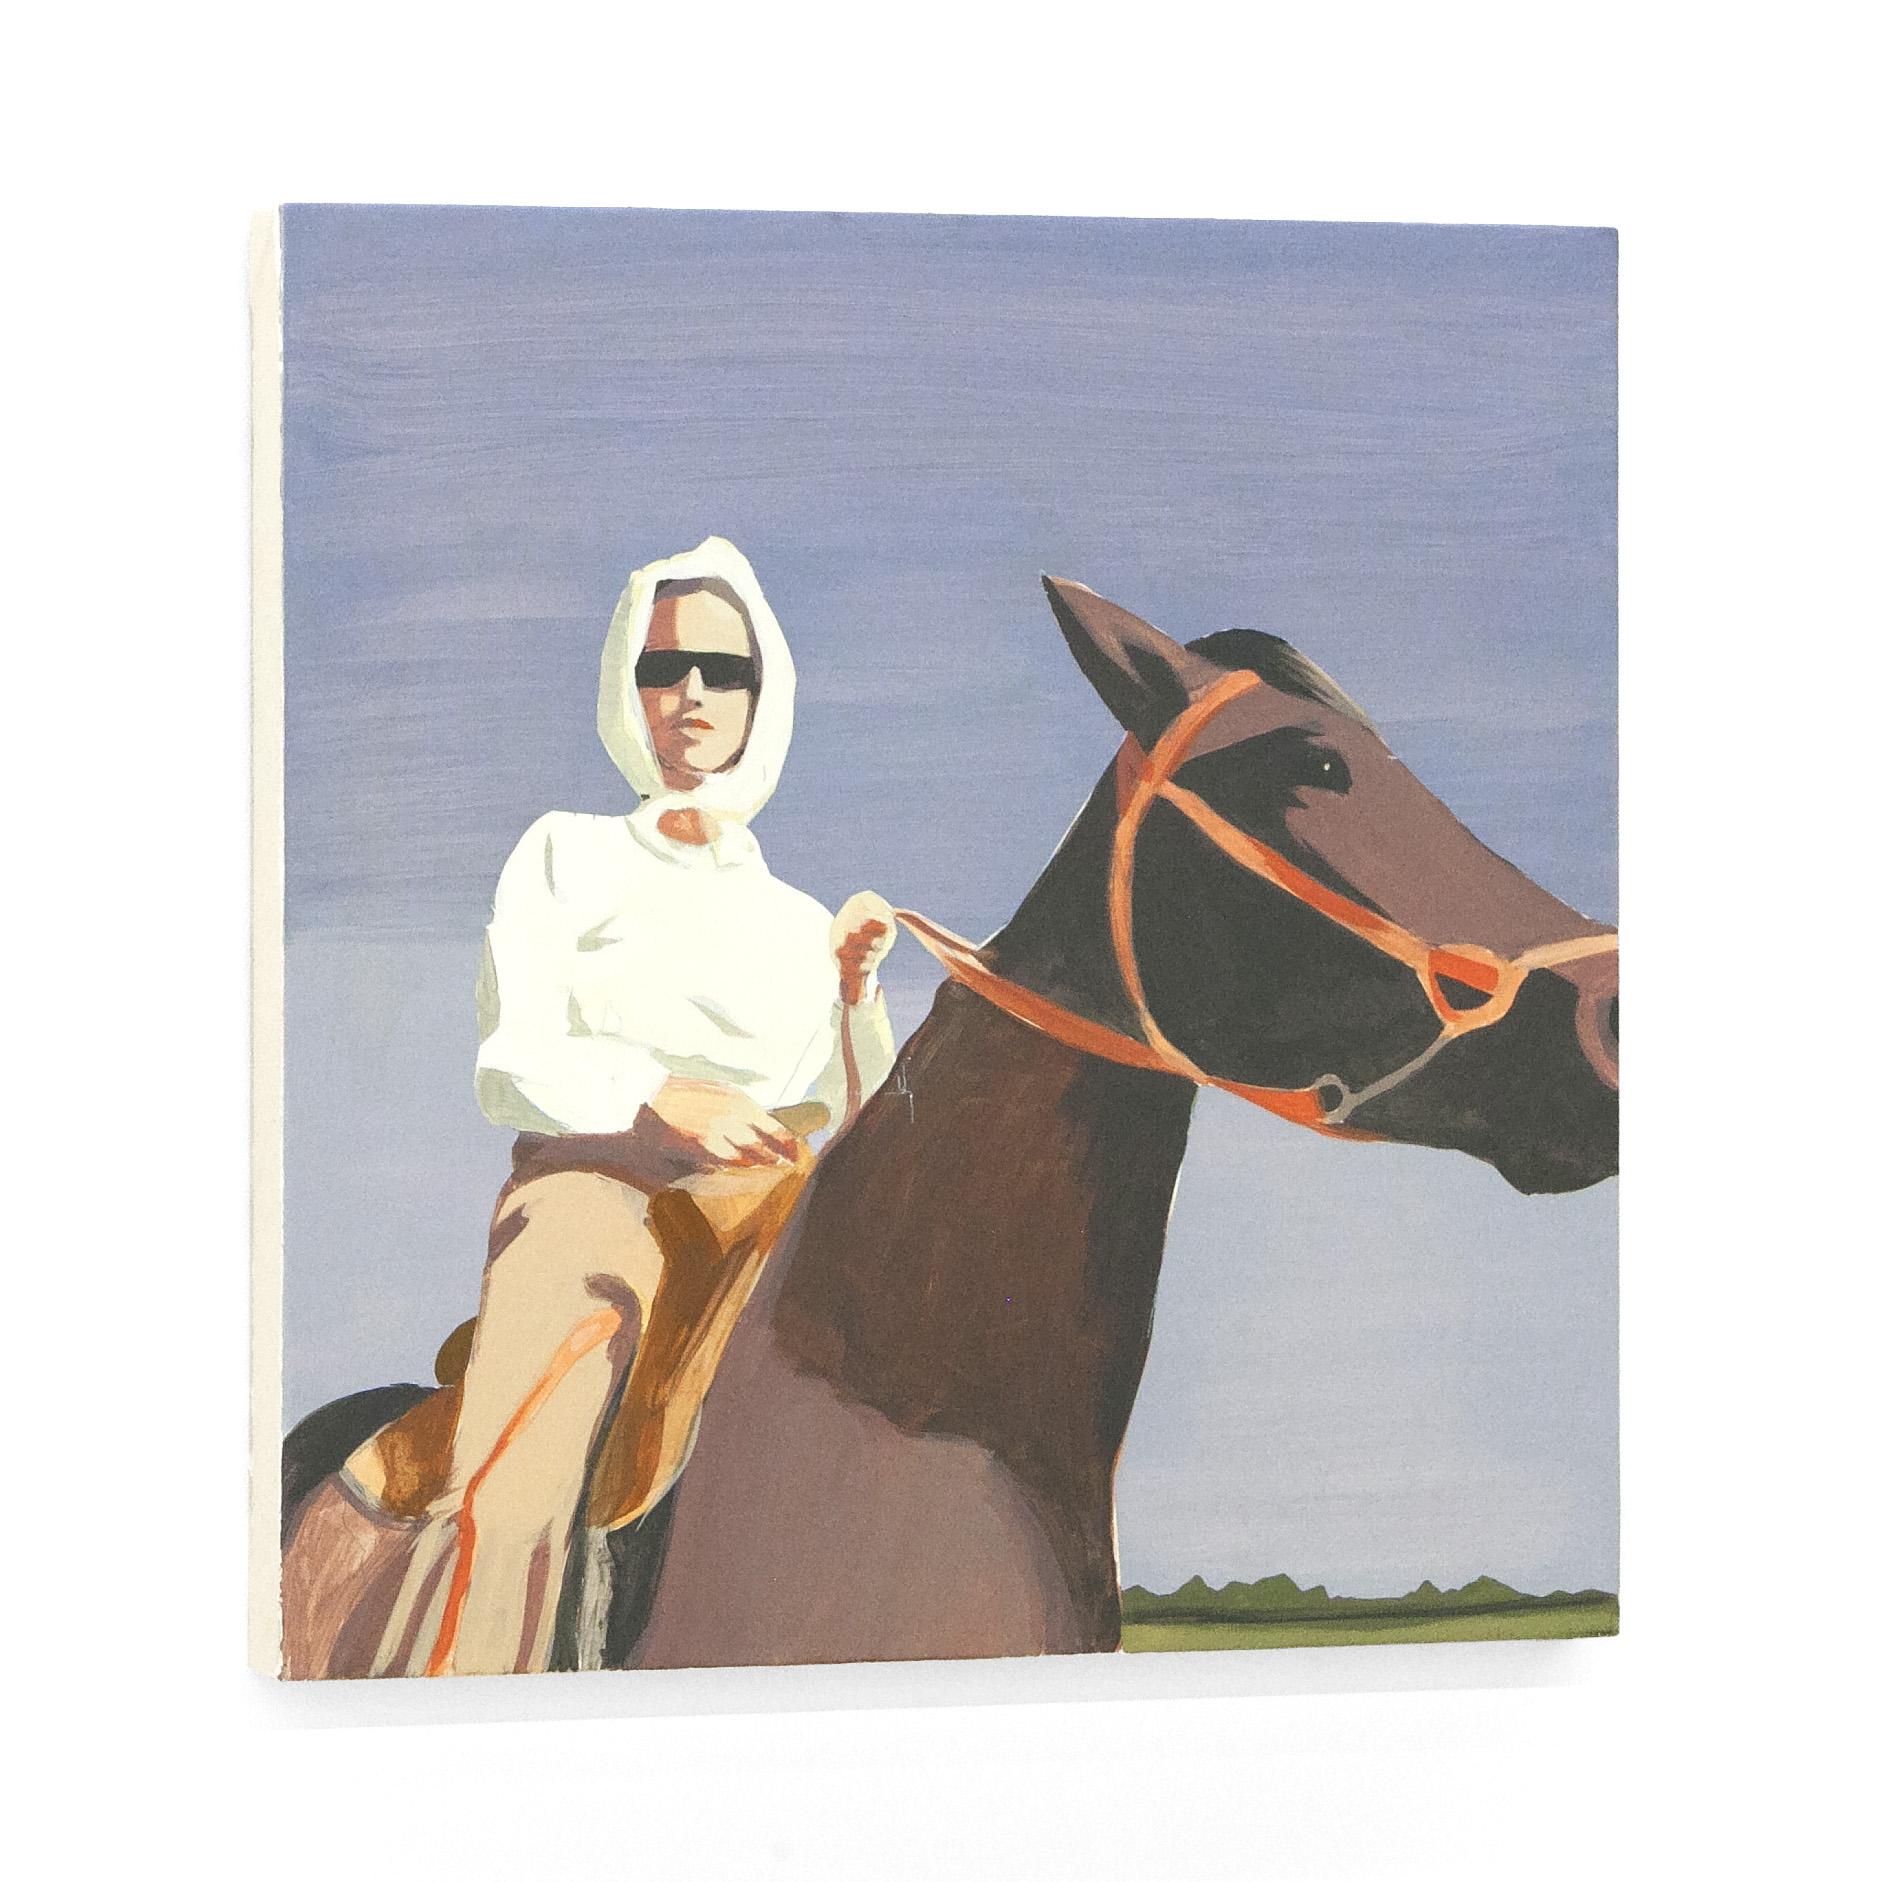 mollybounds_horserider_4.jpg